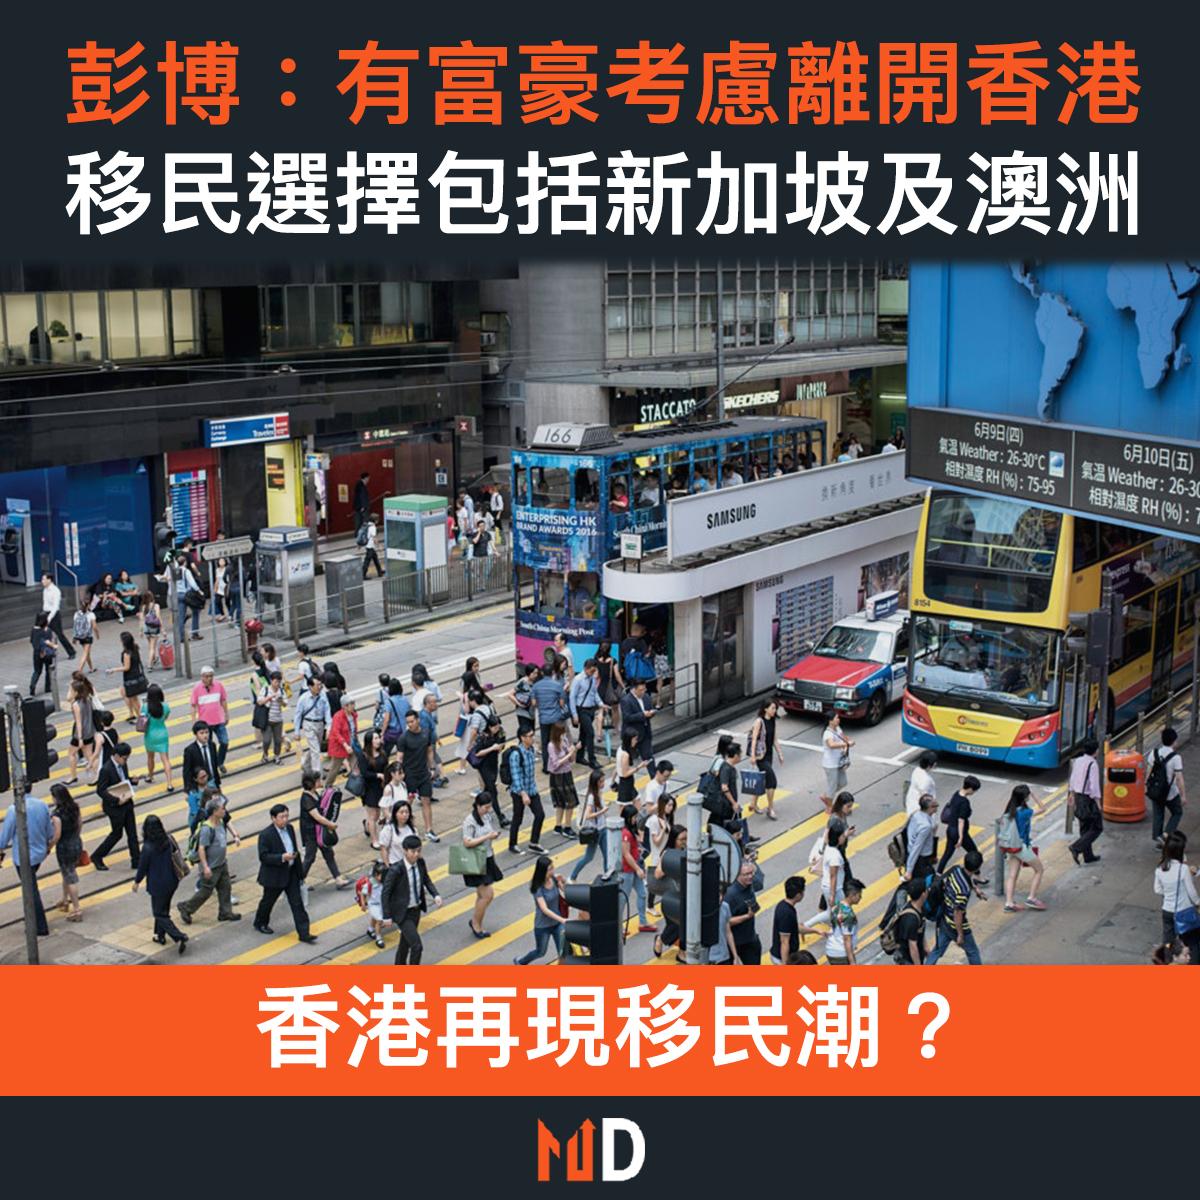 【市場熱話】彭博:有富豪考慮離開香港,移民選擇包括新加坡及澳洲